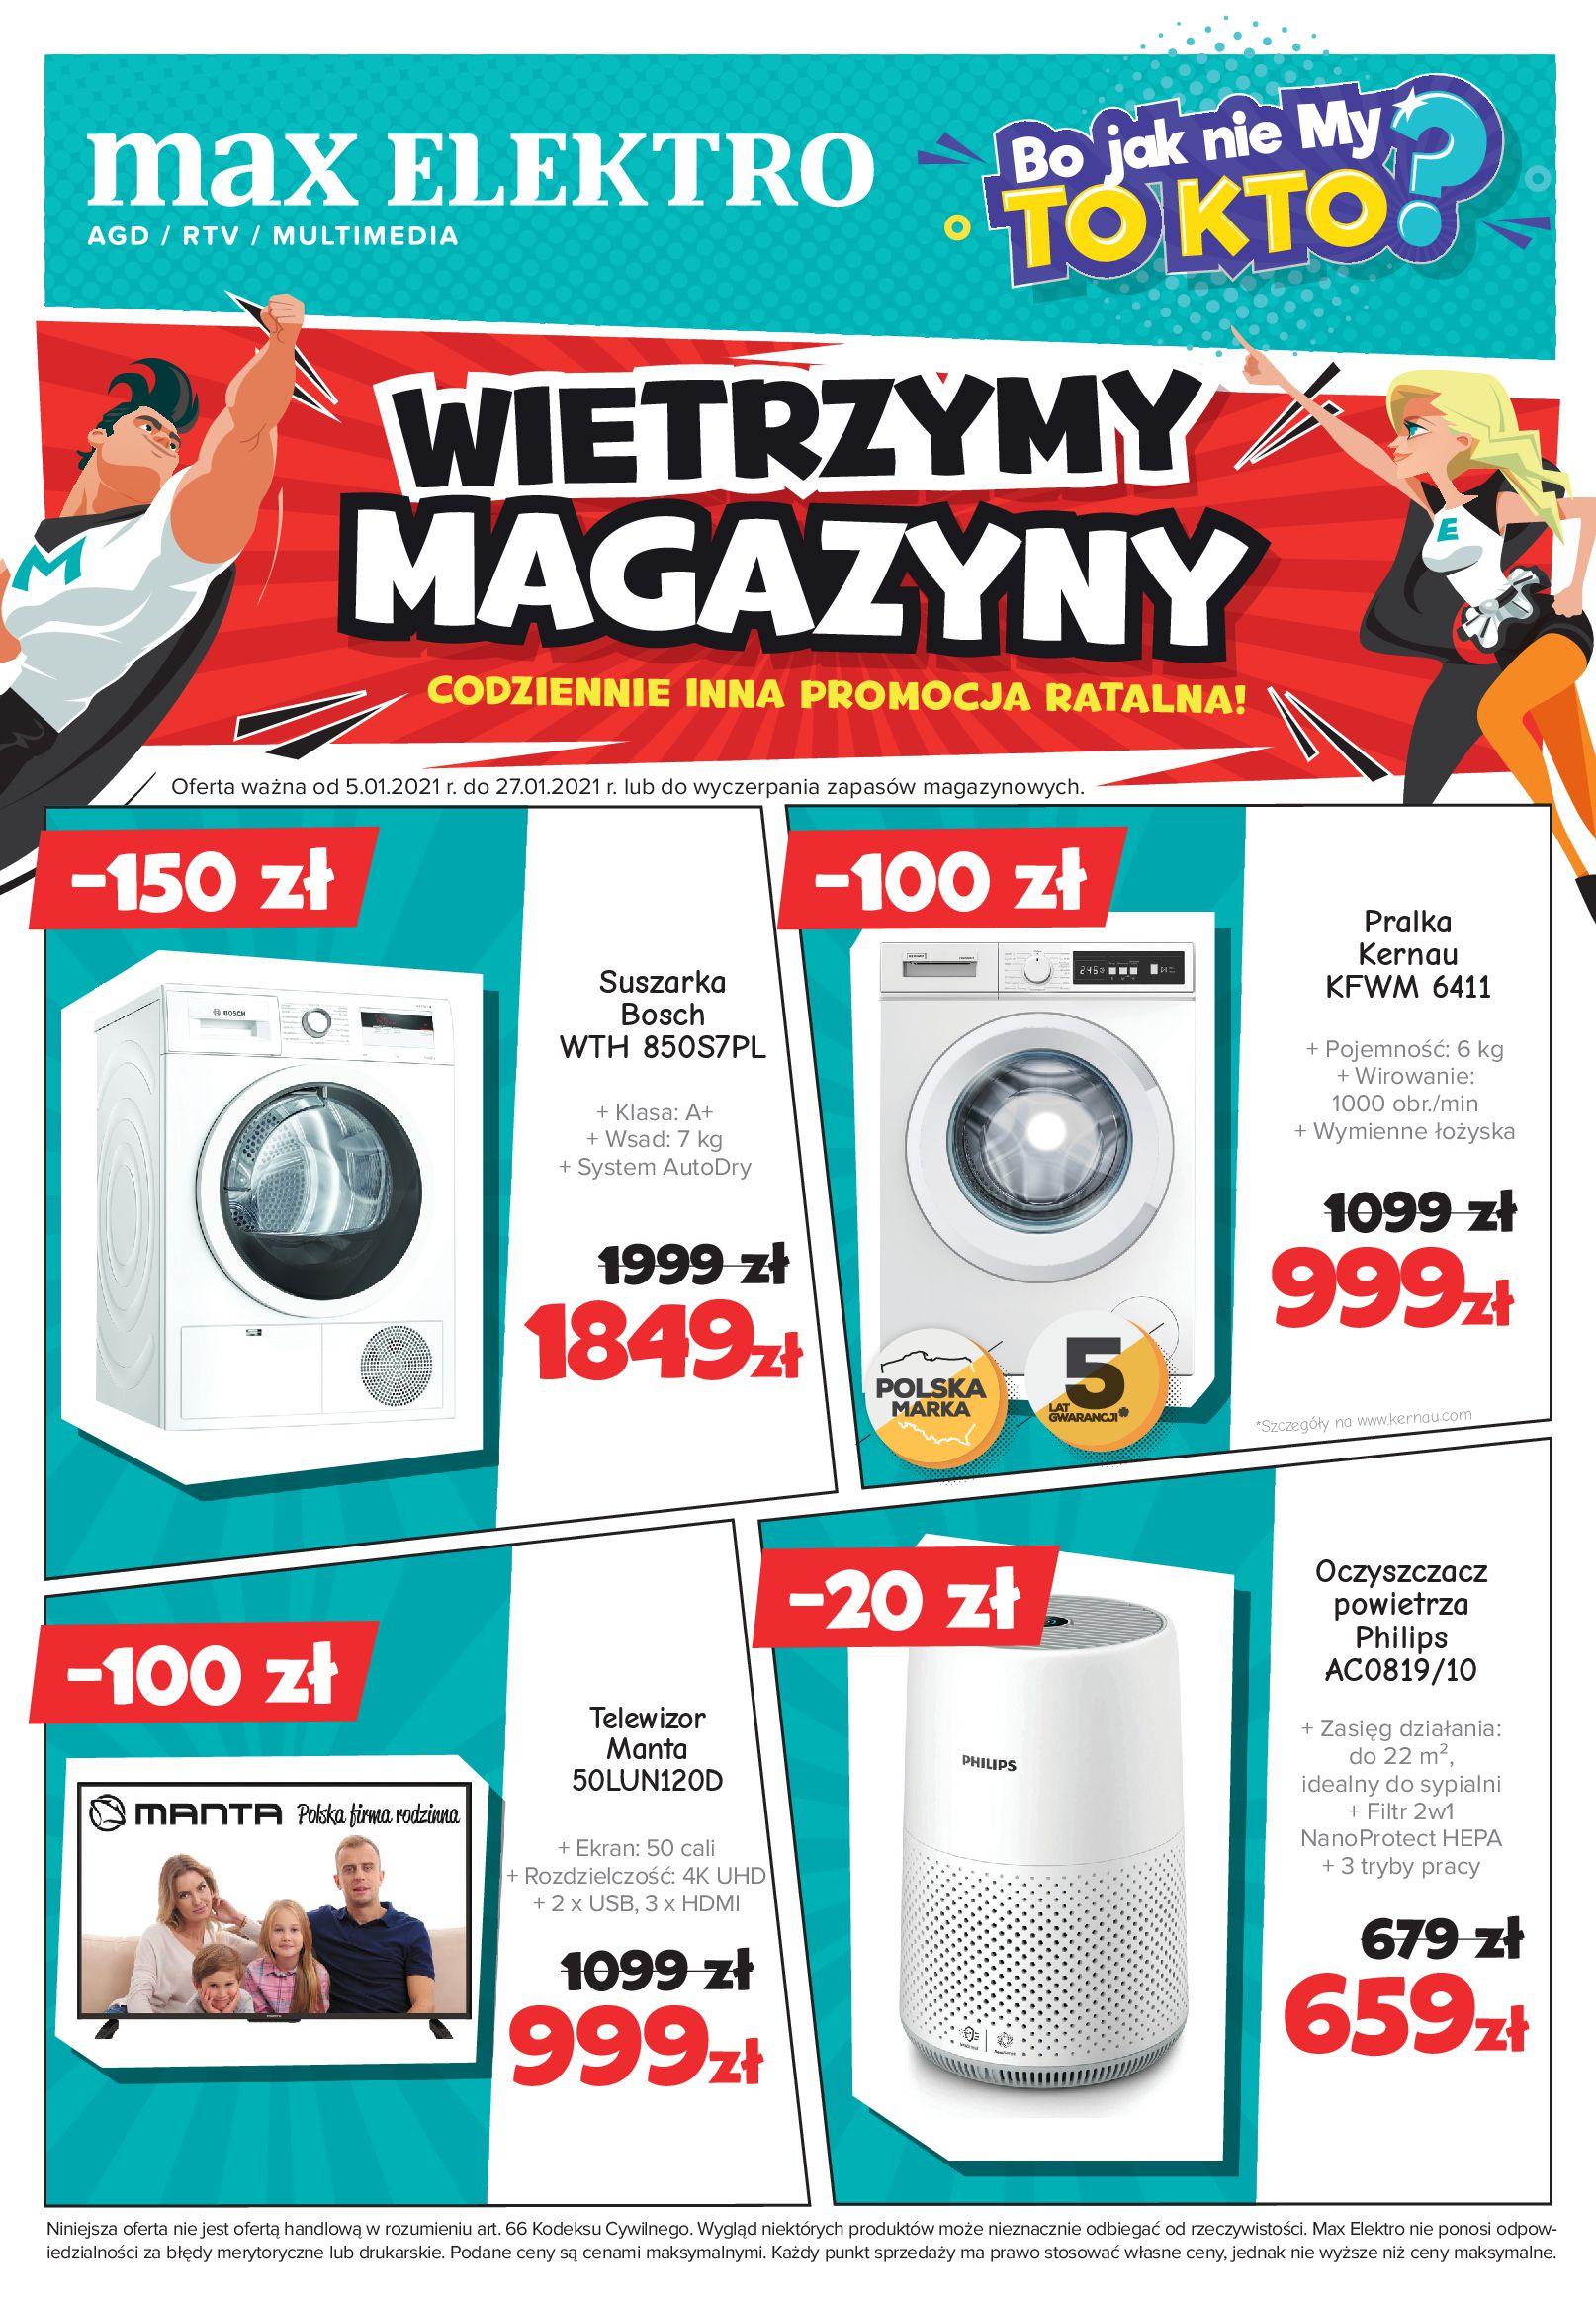 Gazetka Max Elektro.pl: Gazetka - Styczeń 2021-01-05 page-1